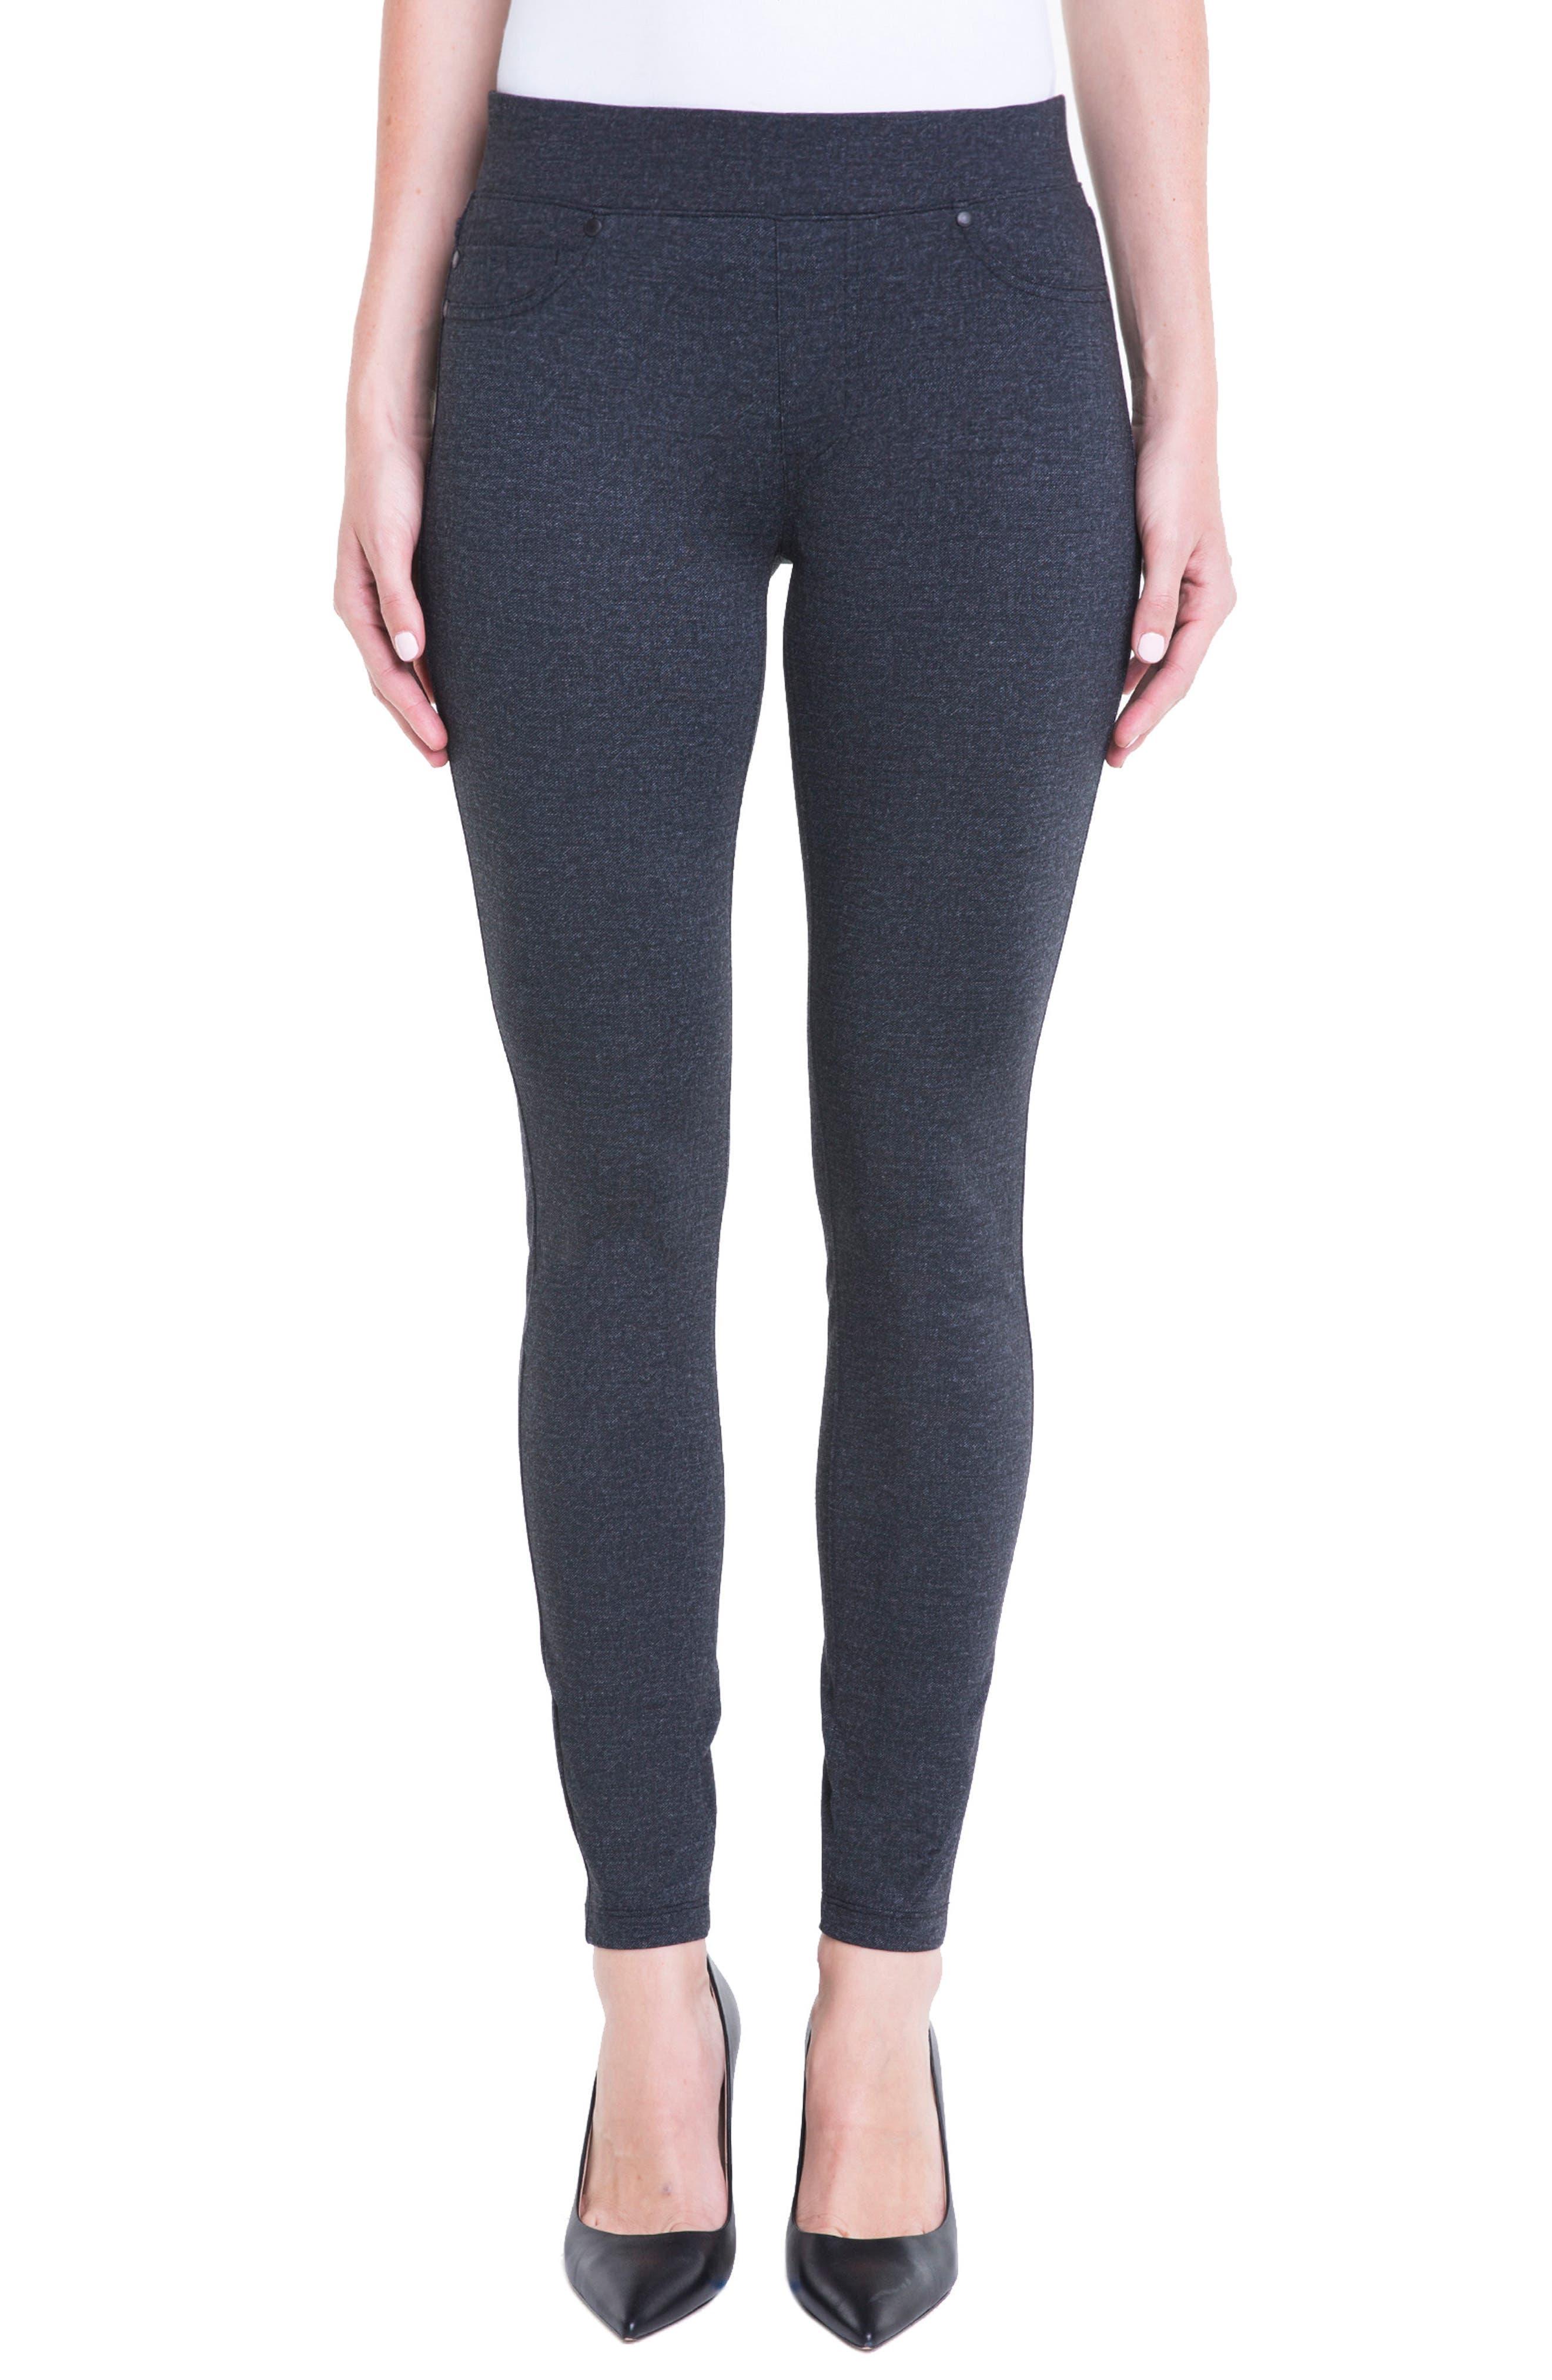 Sienna Denim Knit Leggings,                         Main,                         color, Grey Heather Tweed